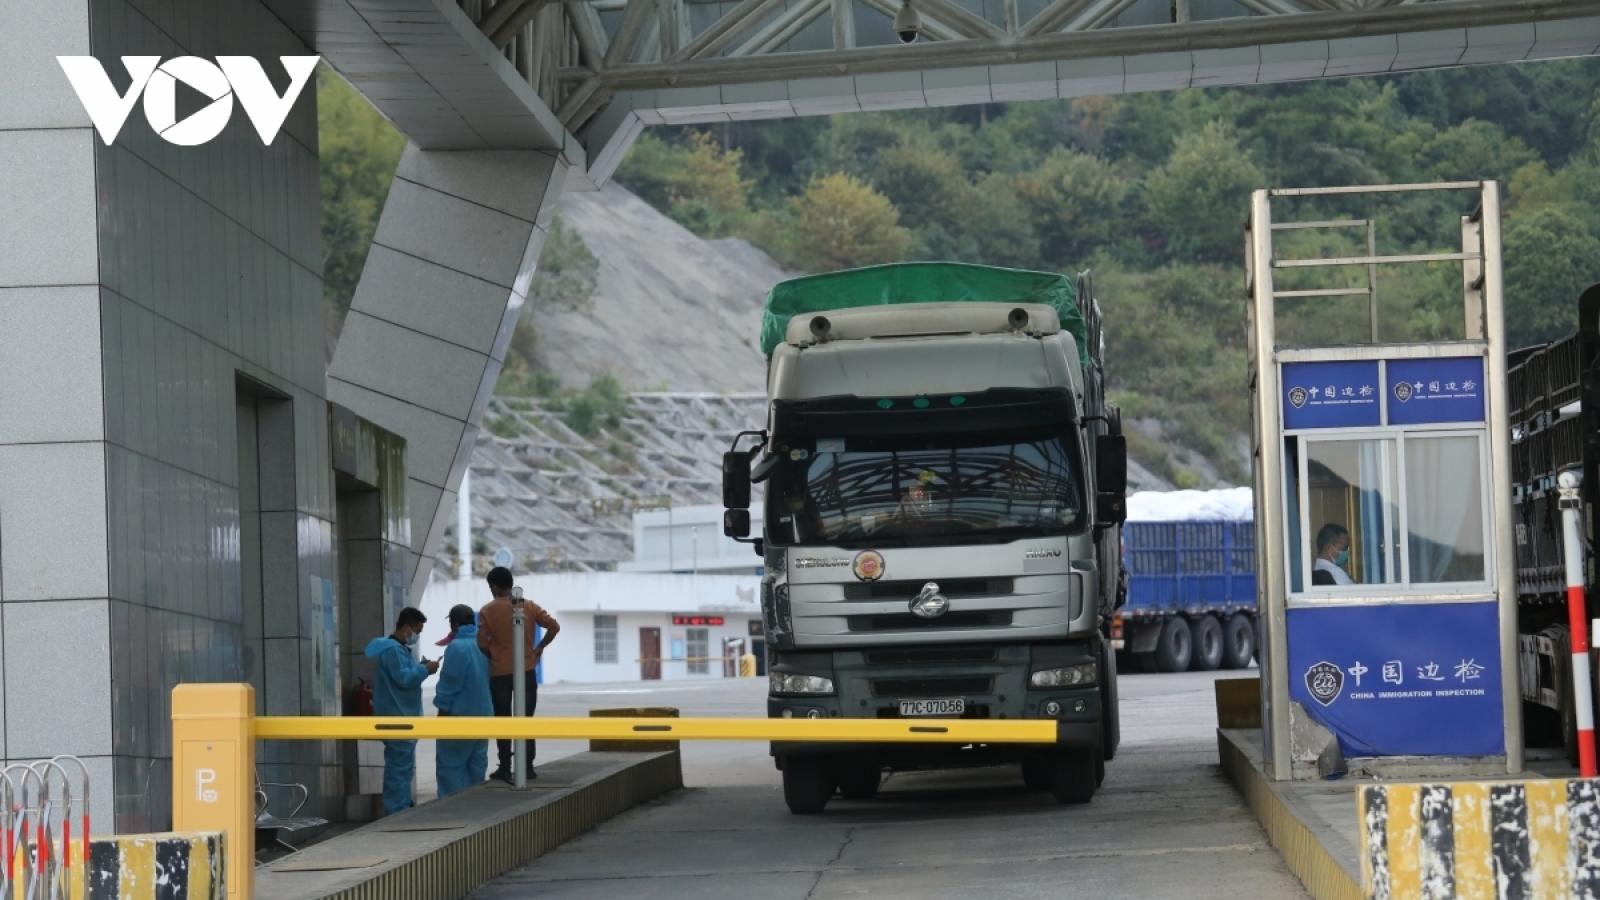 Xây dựng dự thảo Nghị định về cấp giấy phép hoạt động vận tải qua biên giới